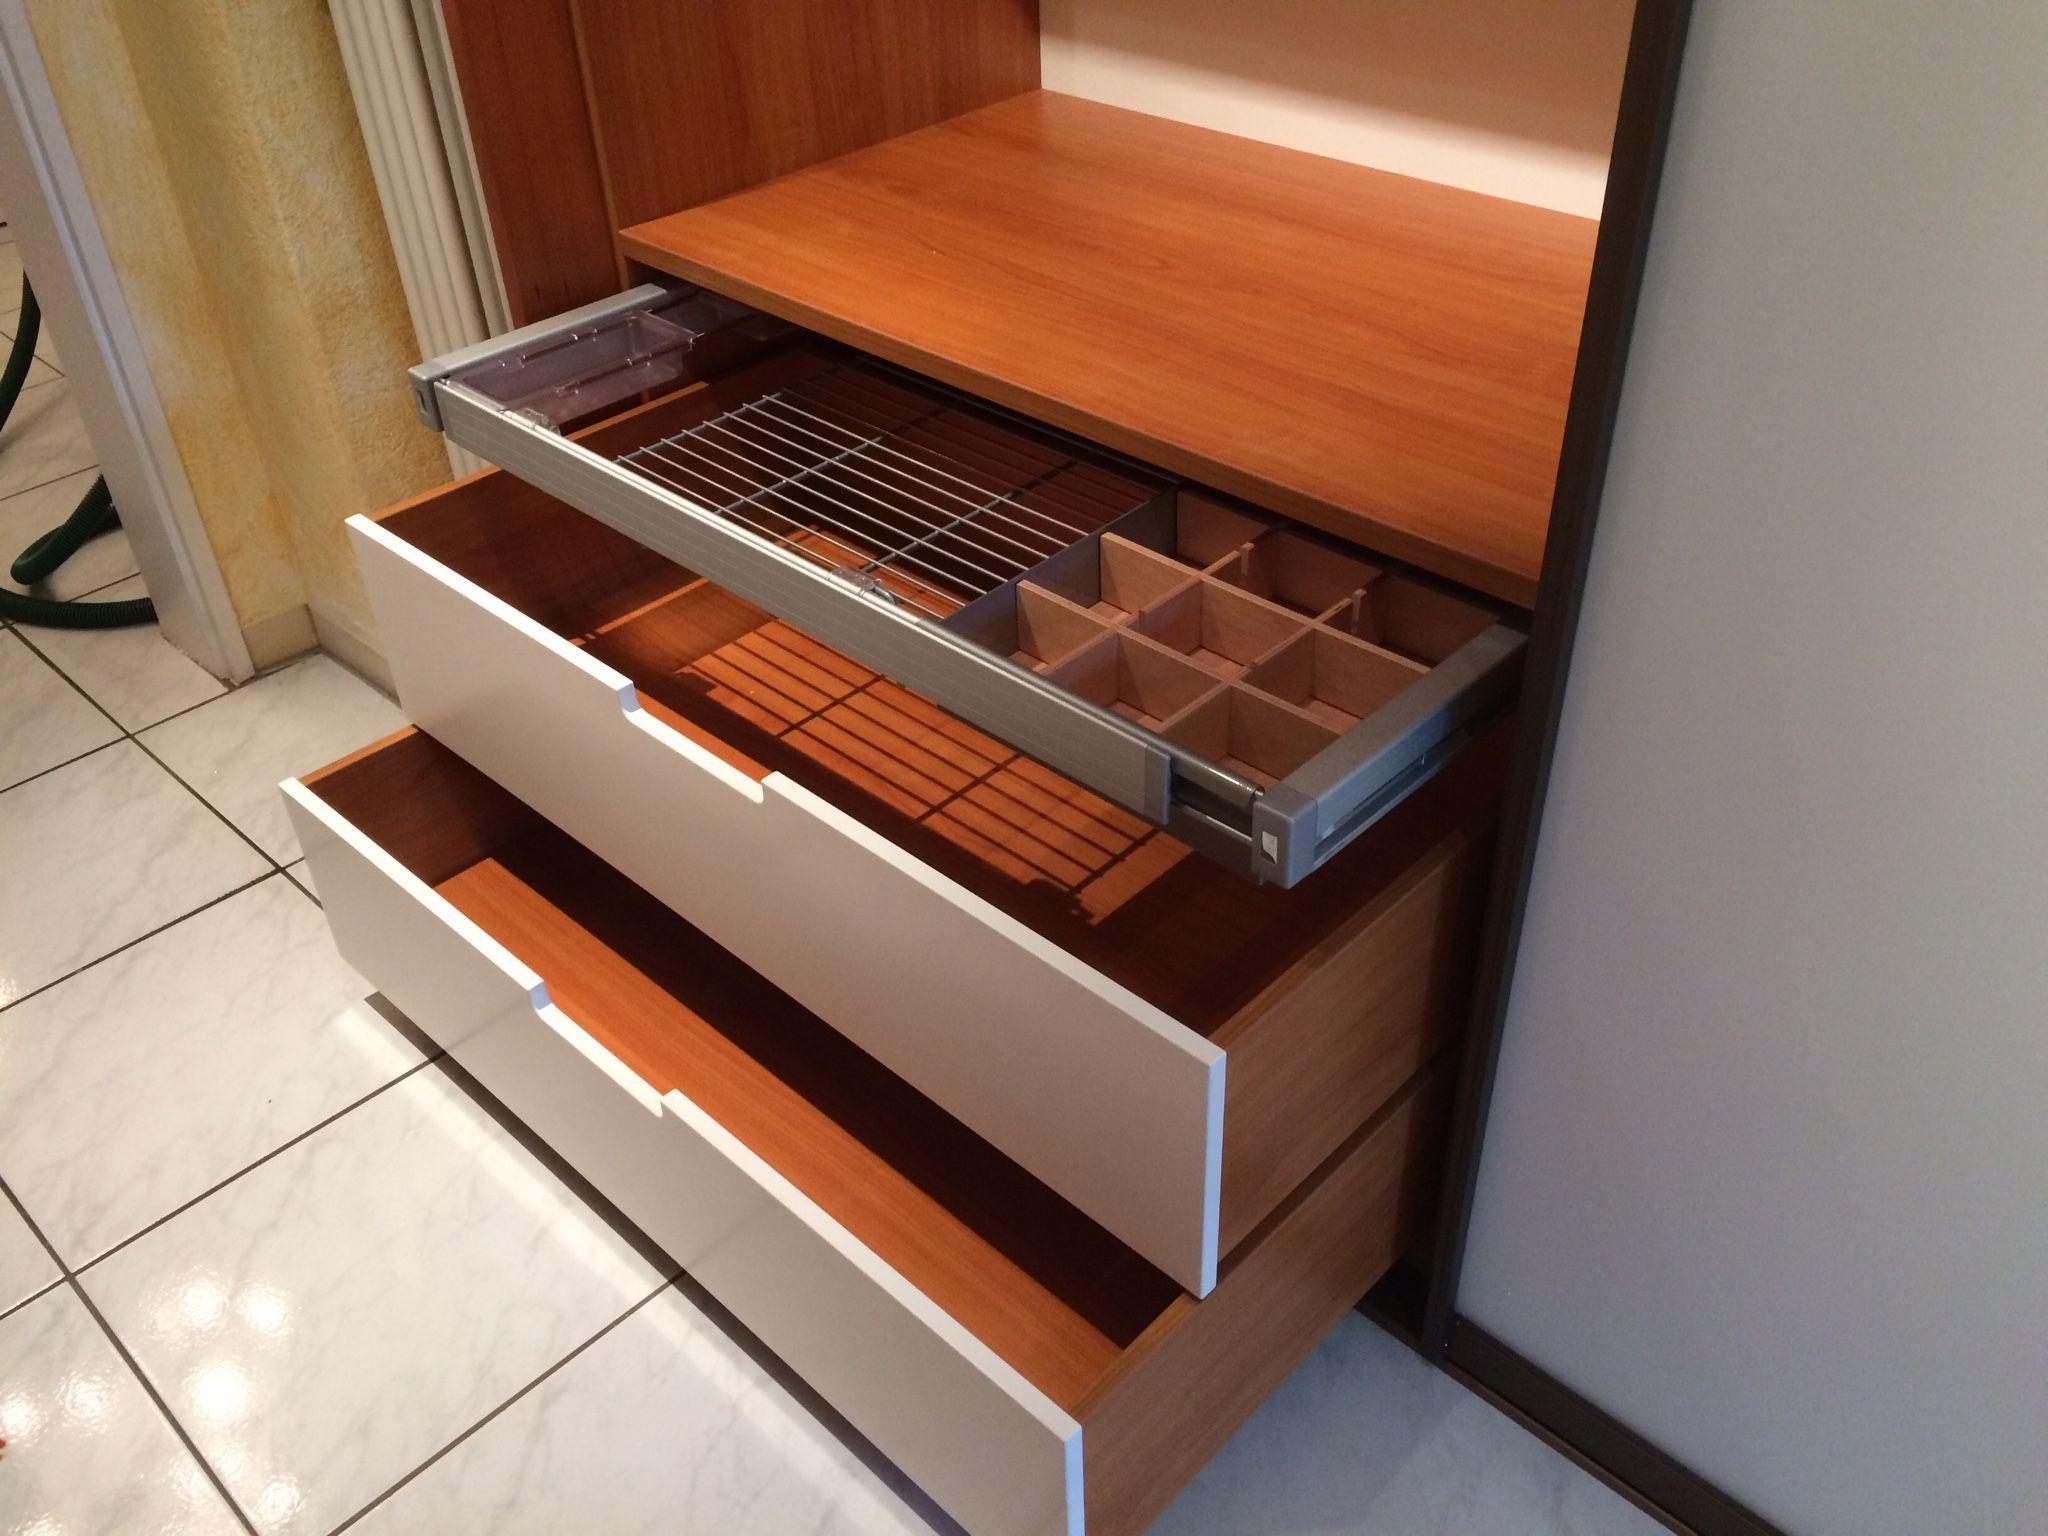 kleiderschrank ideen schubladen und auszug mit schubkasteneinteilungen f r g rtel krawatten. Black Bedroom Furniture Sets. Home Design Ideas